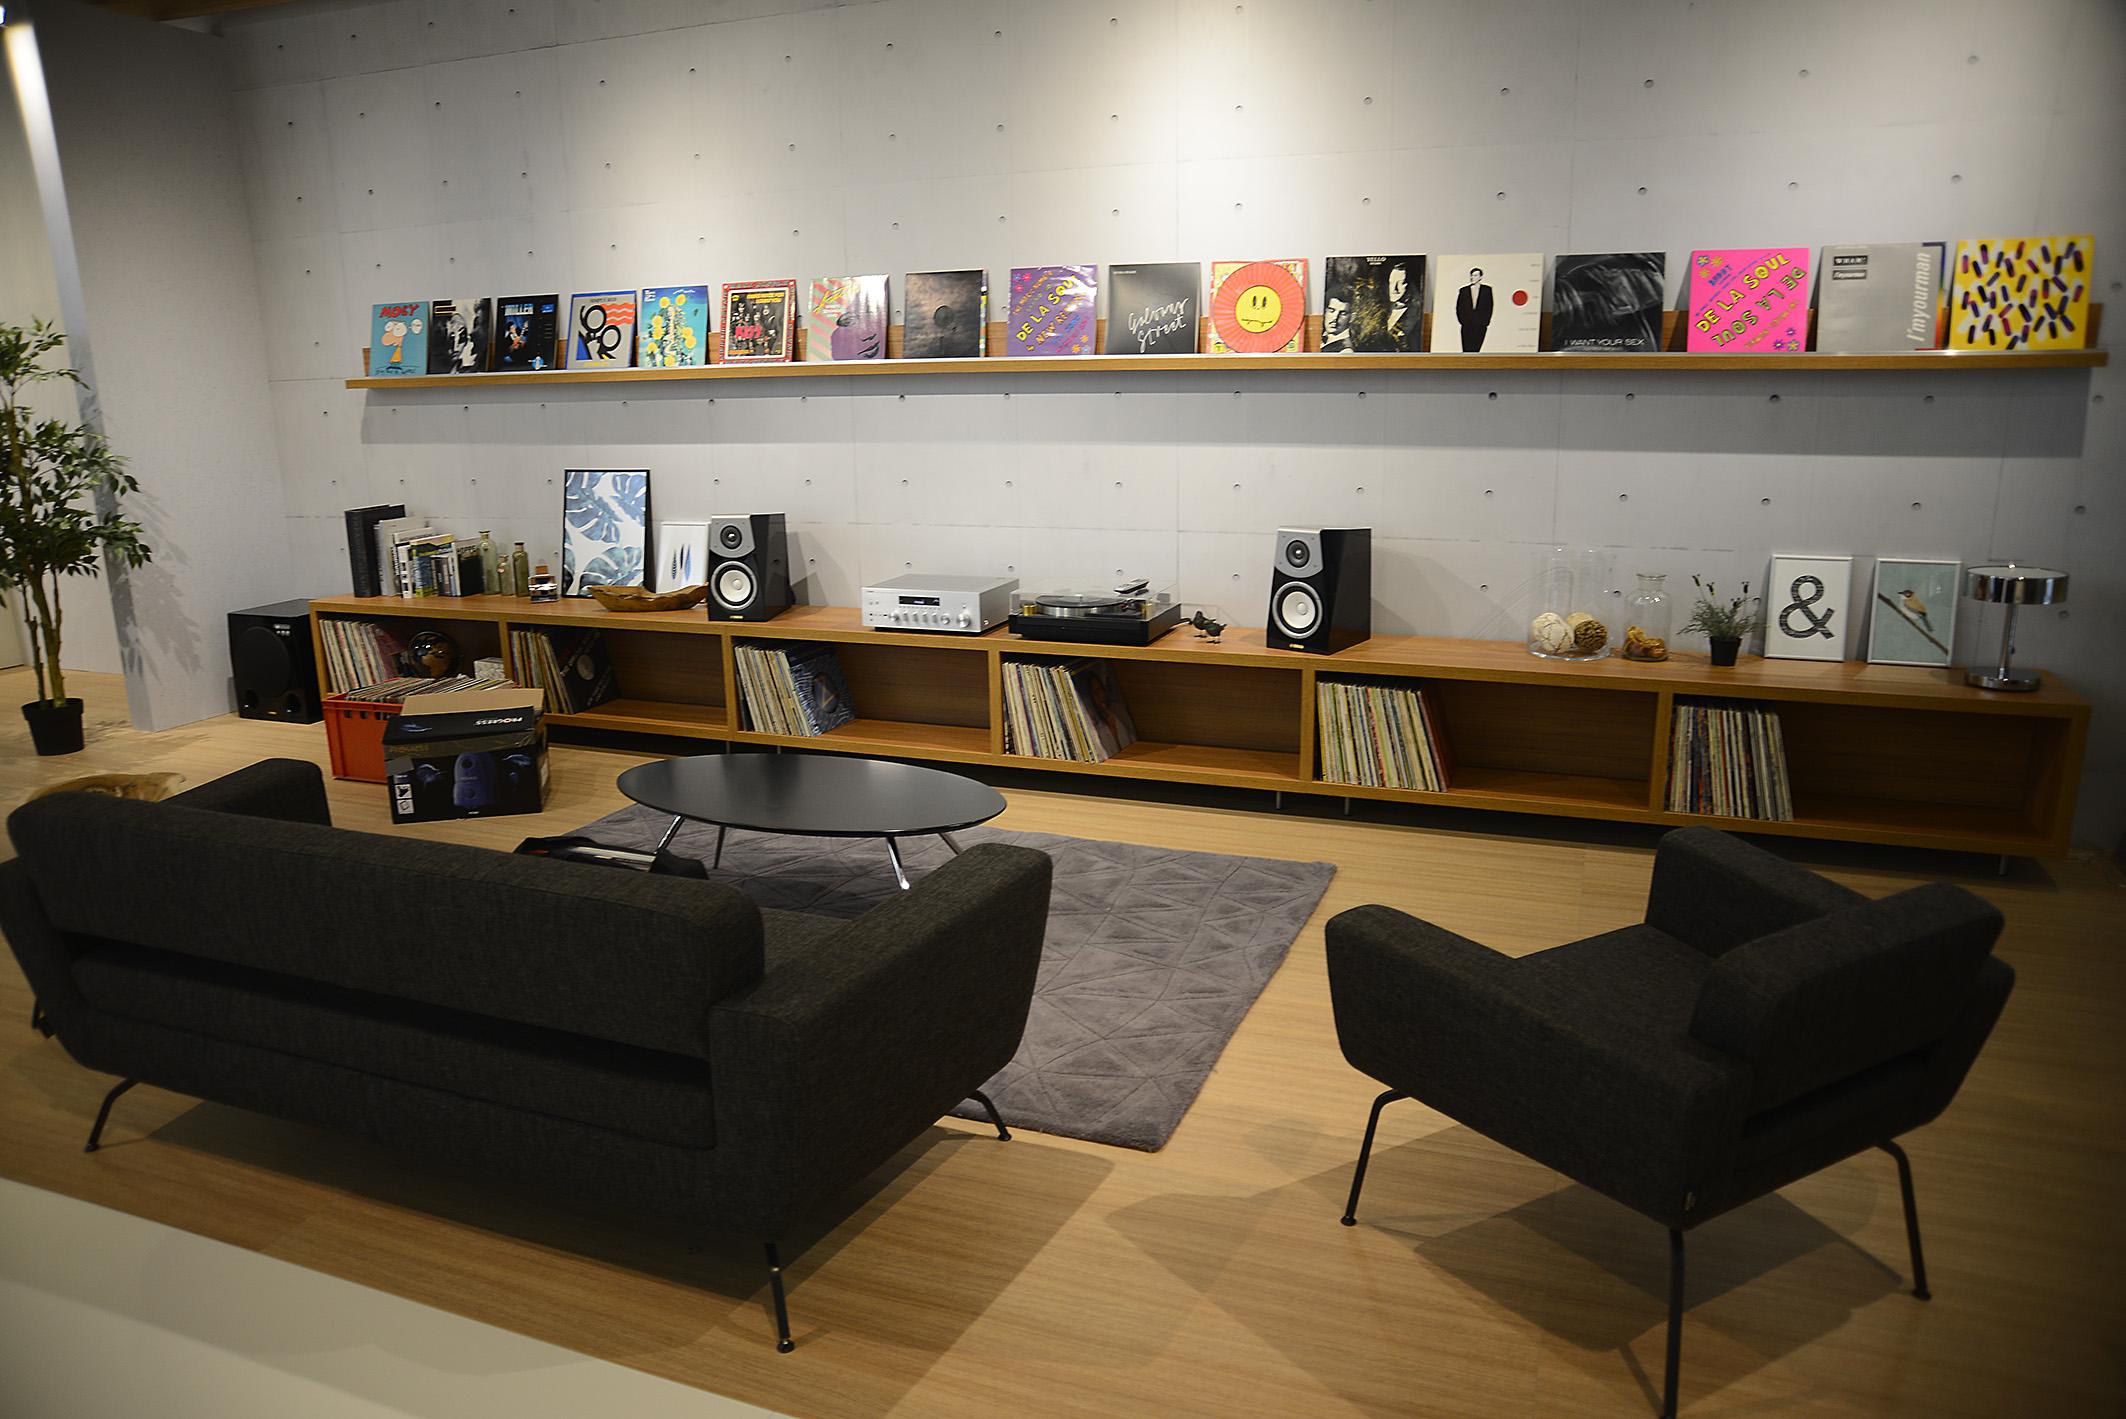 Foto: Michael B. Rehders Sollen es etwas dezentere Lautsprecher sein? Yamaha bietet für jeden Geschmack und Geldbeutel passende Produkte, um zu Hause Heimkino akustisch zu erleben.